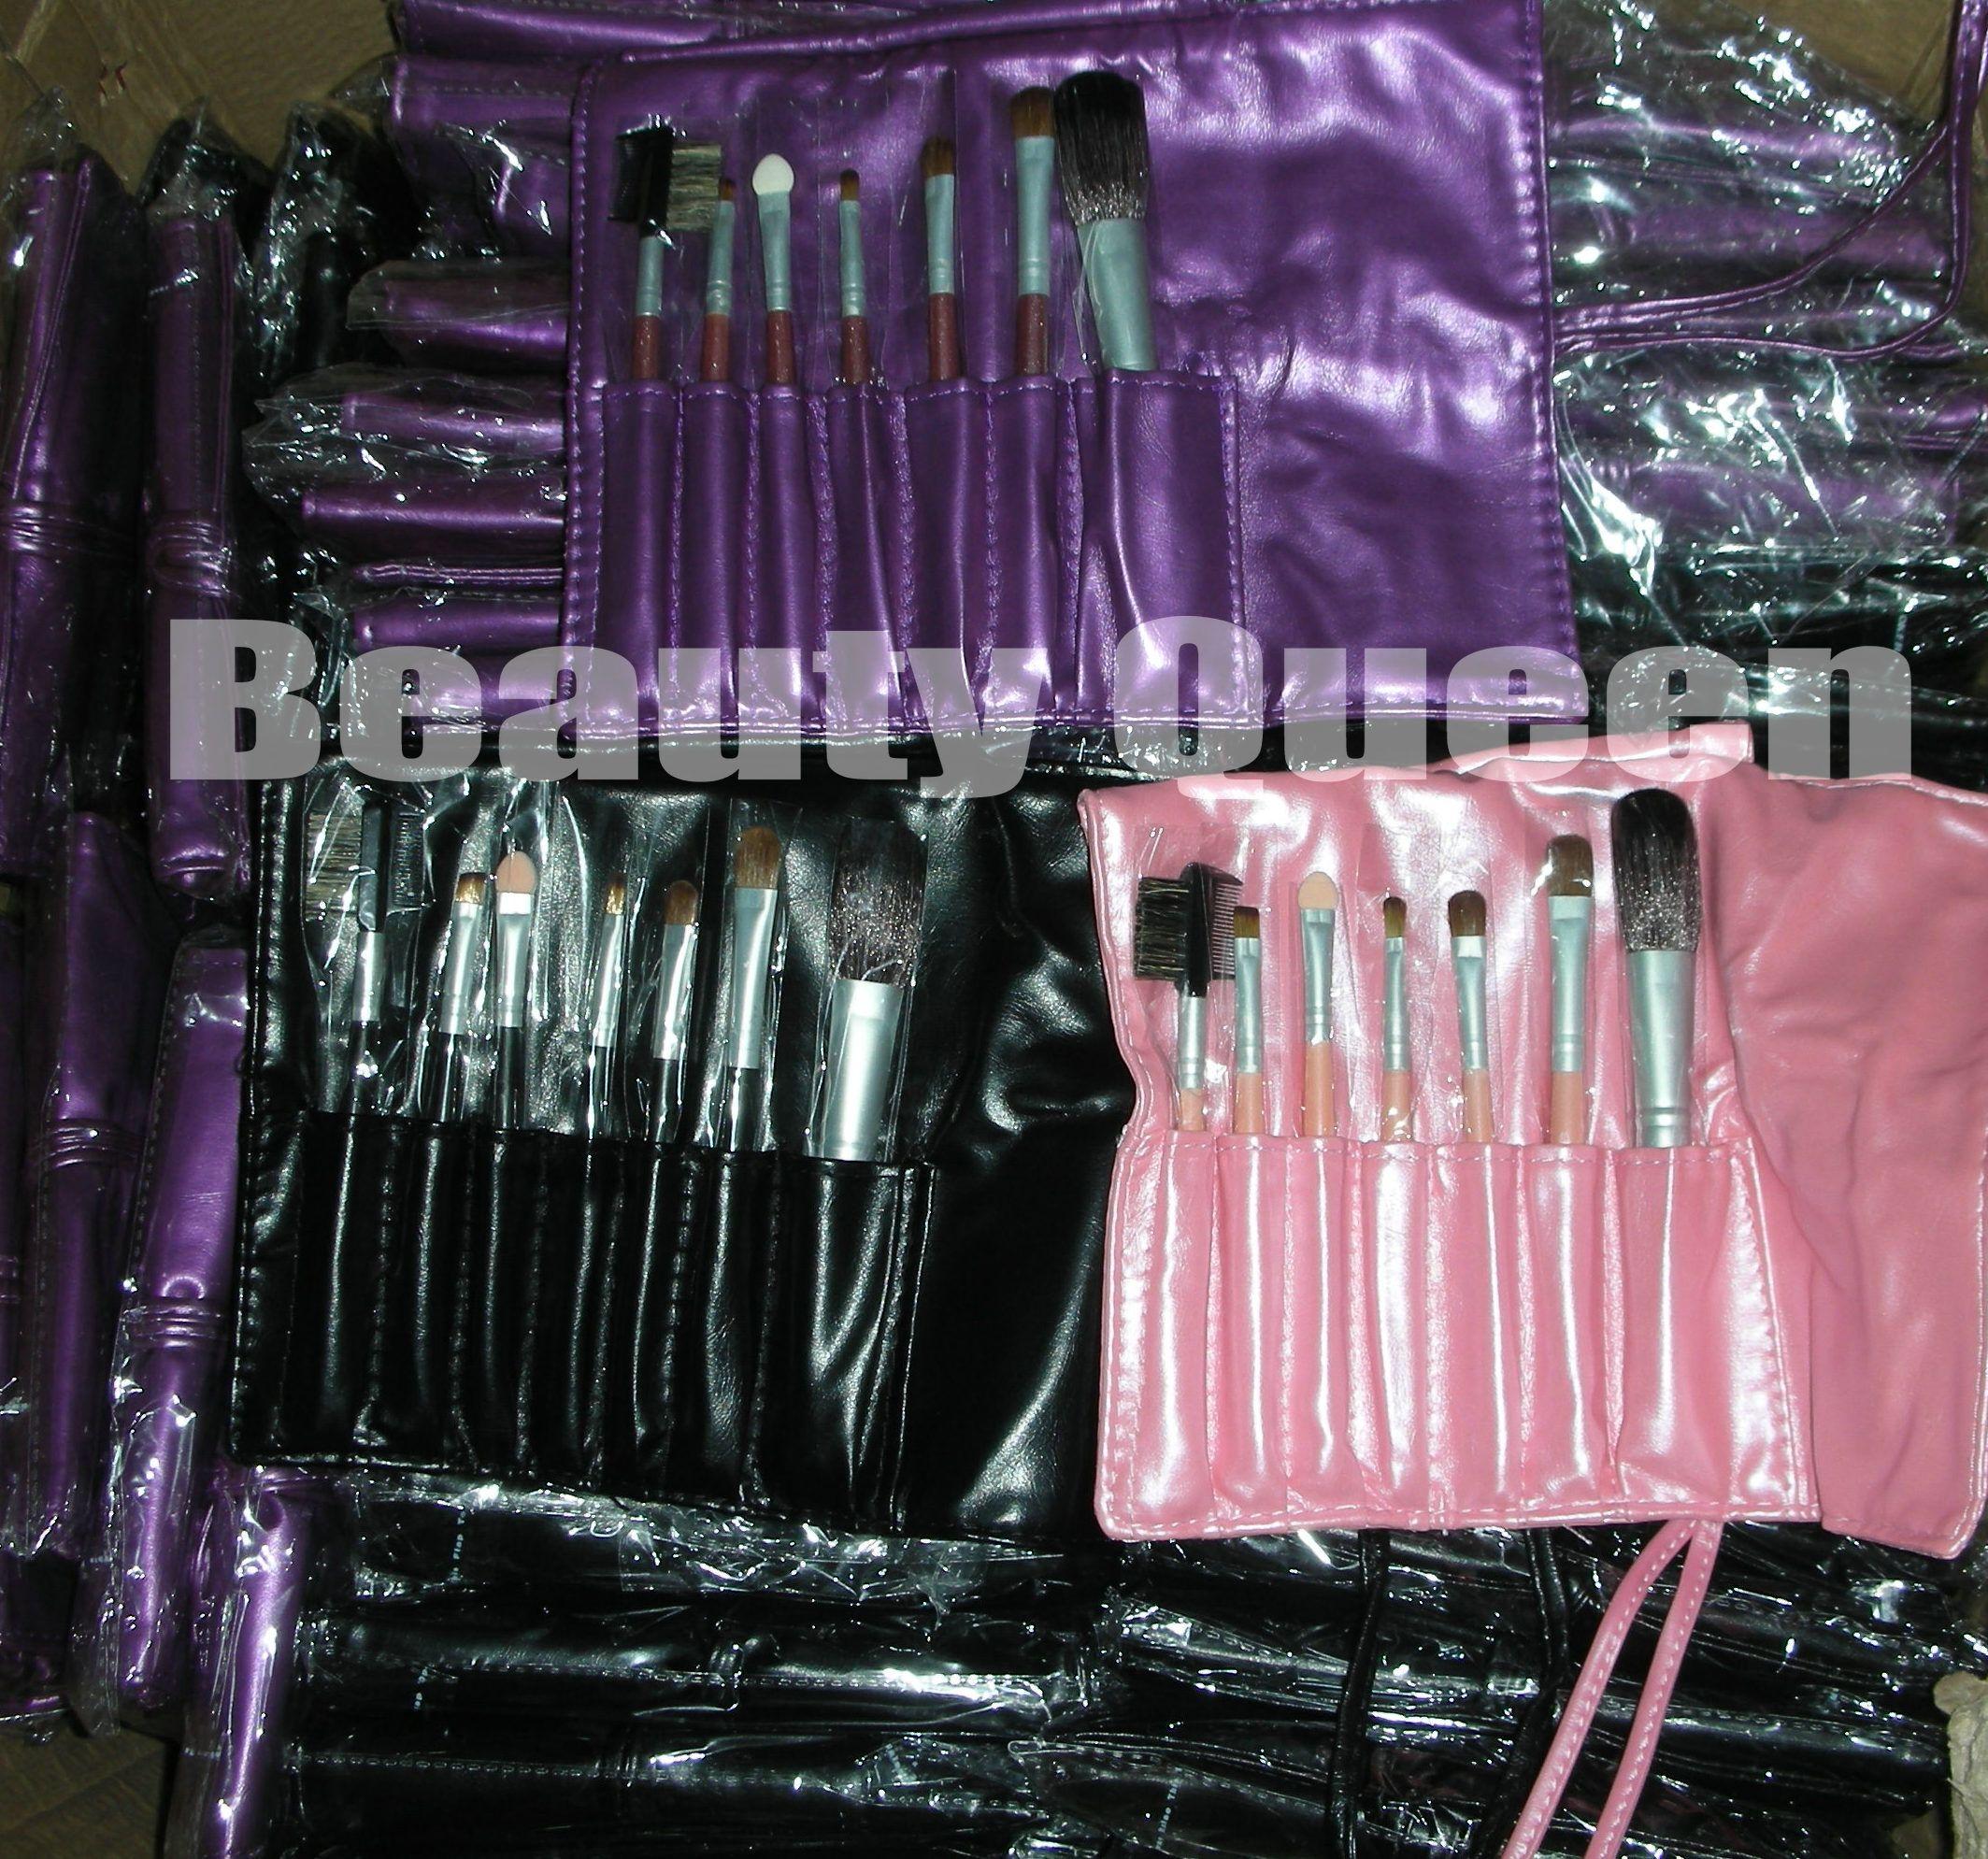 7 개 프로 M * C 메이크업 브러쉬 세트 화장품 브러쉬 염소 머리 블랙 핑크 실버 골드 퍼플 가방 가죽 파우치 케이스 새로운 패션 ~ 고품질